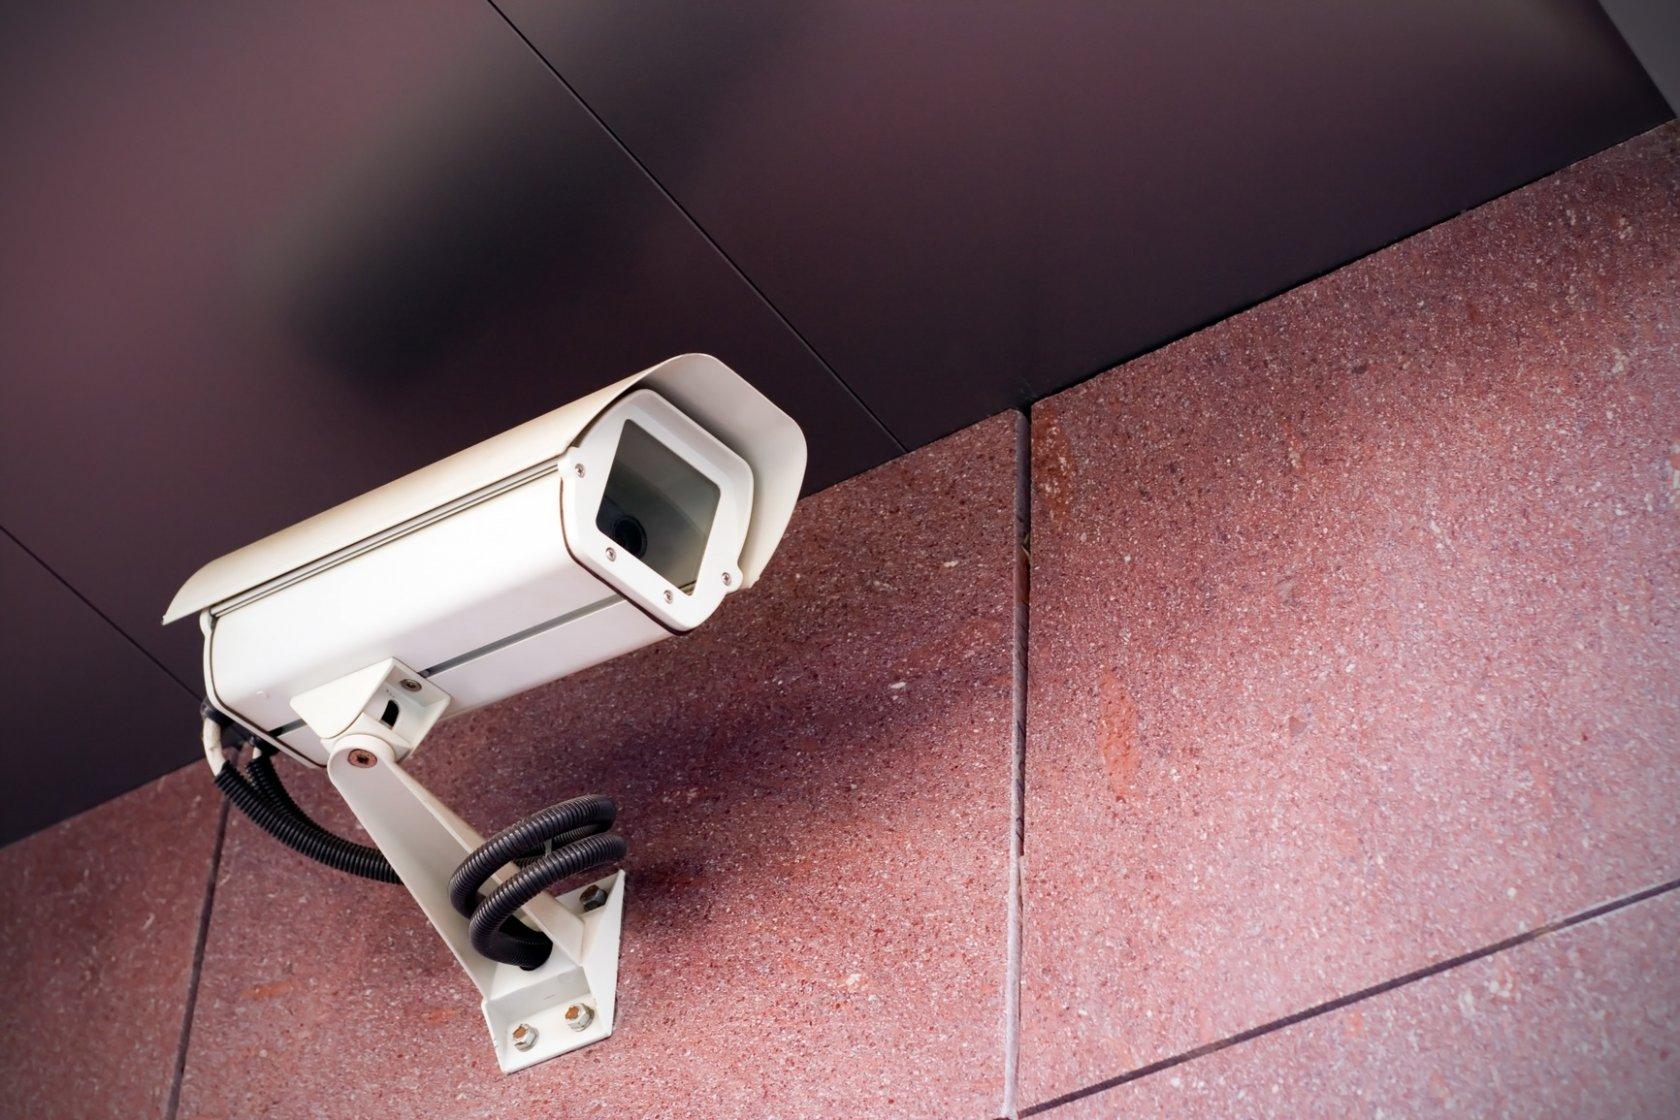 Фото с скрытых камер наблюдения